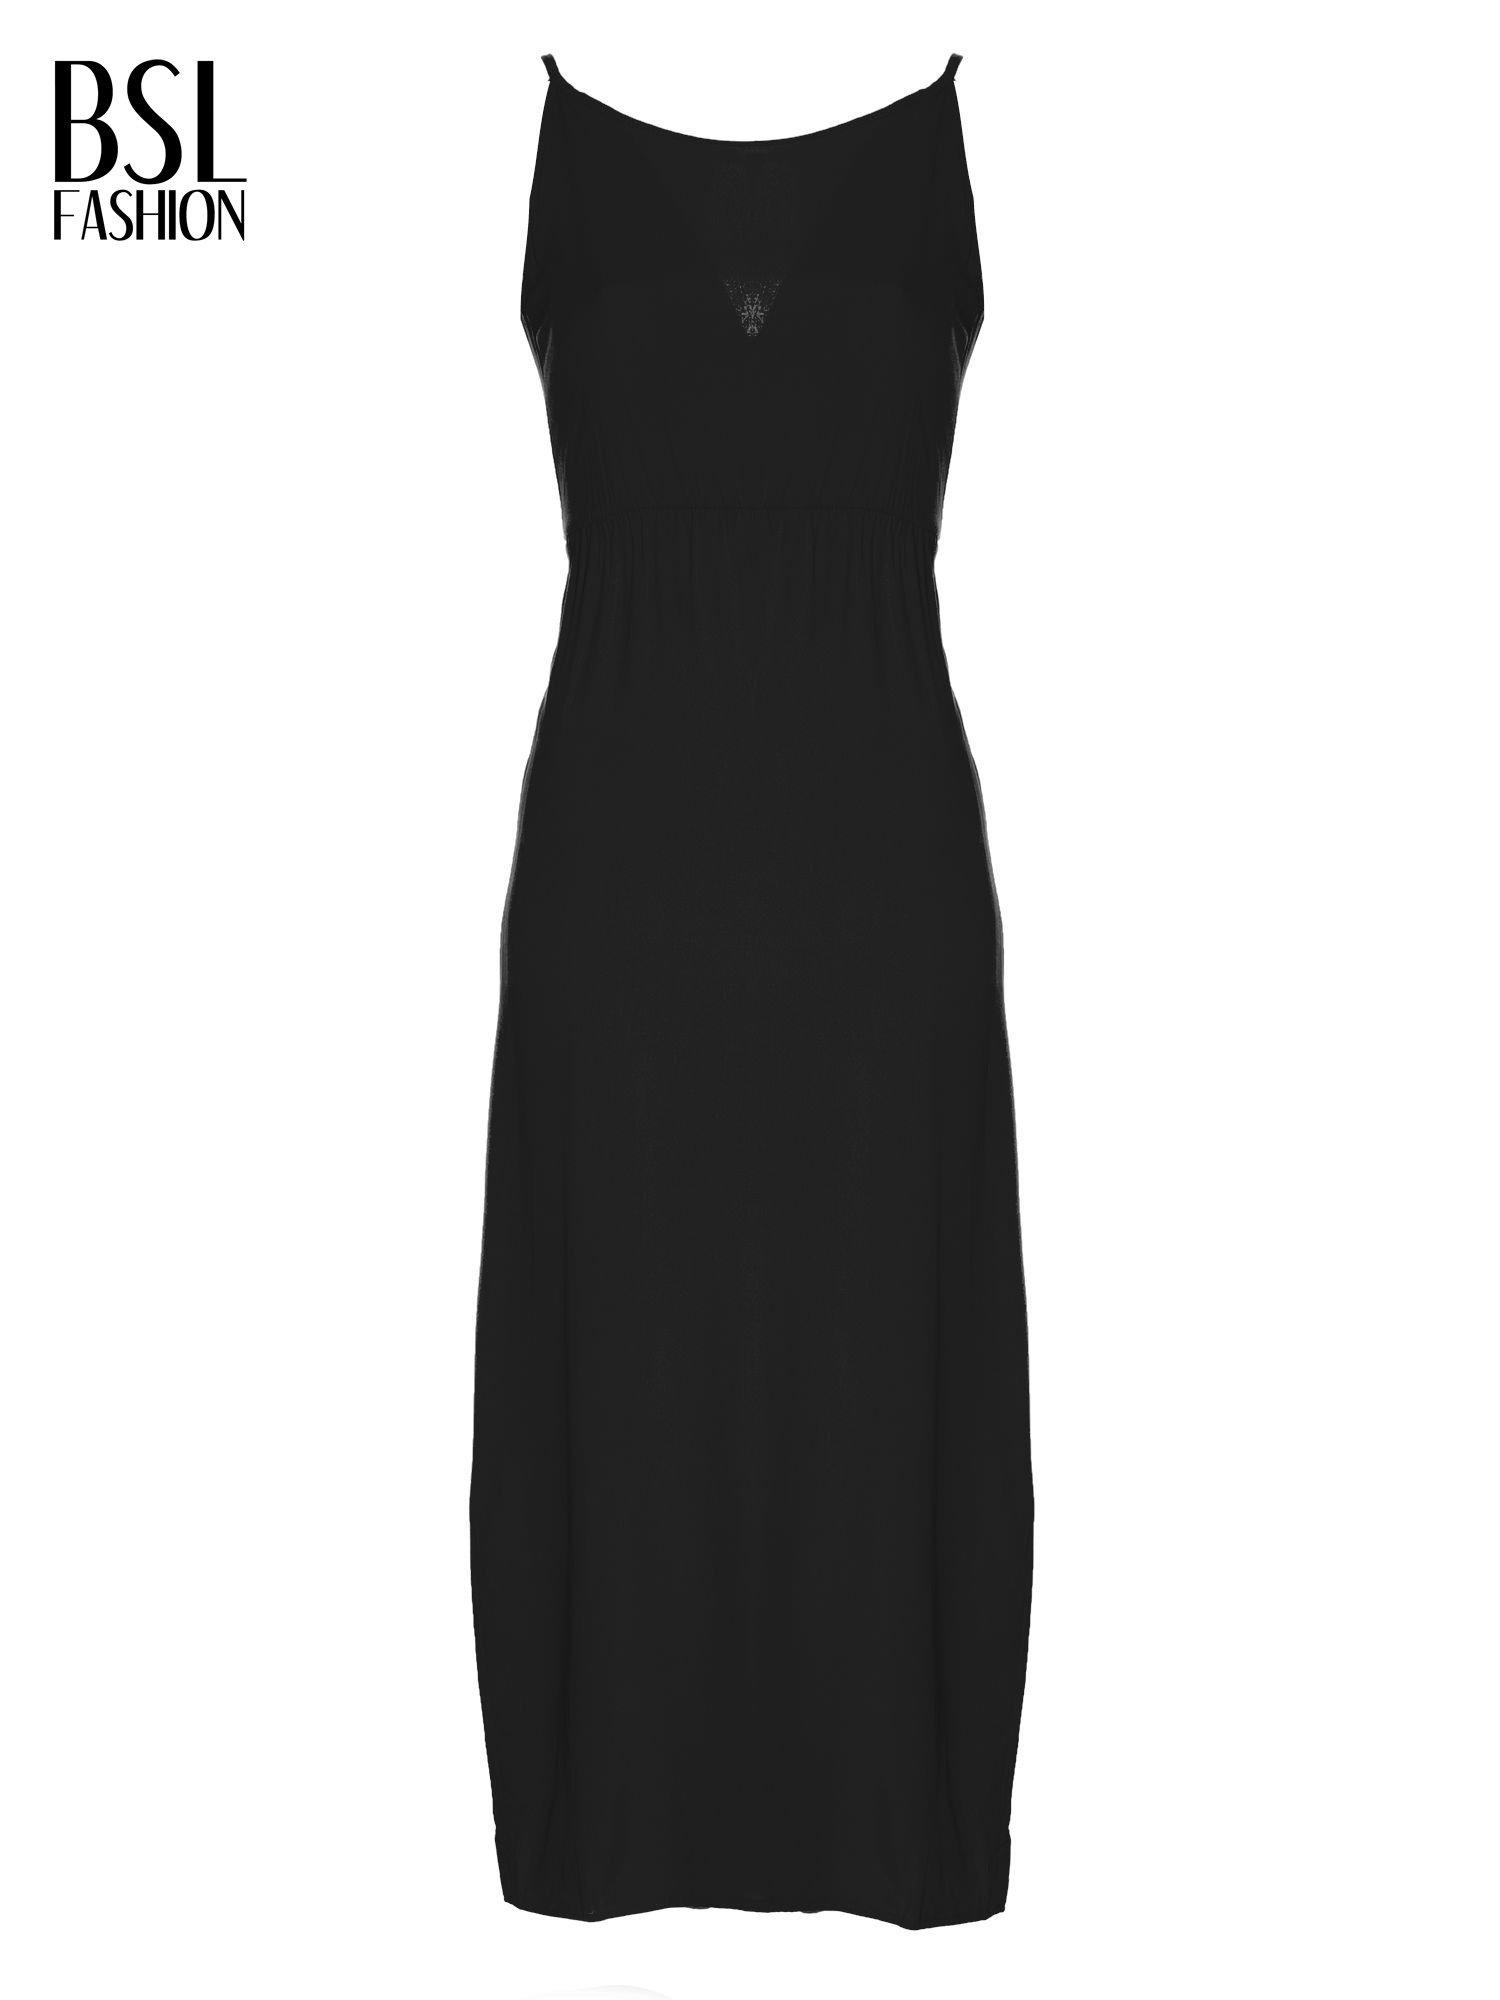 Czarna sukienka maxi na ramiączkach z koronkowym tyłem                                  zdj.                                  5